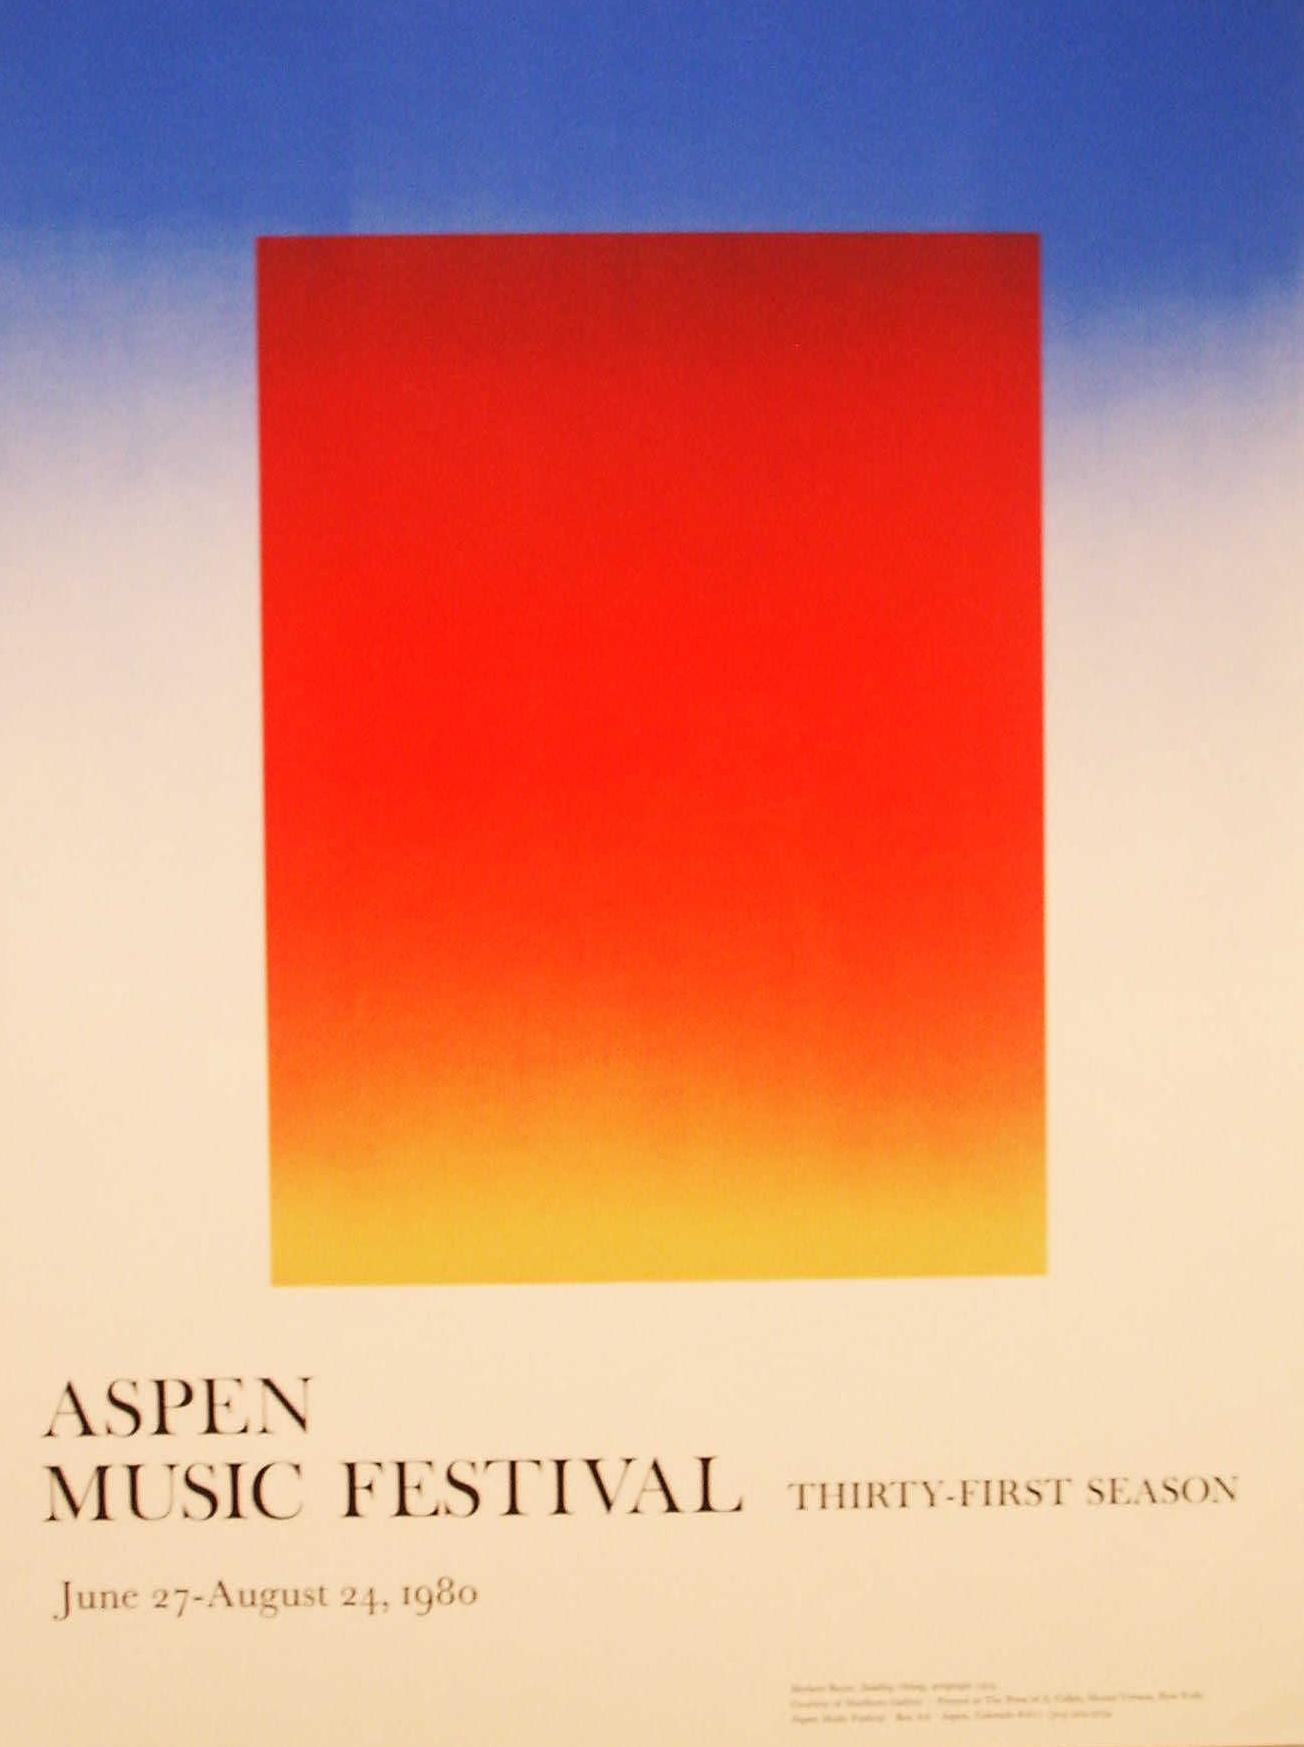 Aspen Music Festival 1980